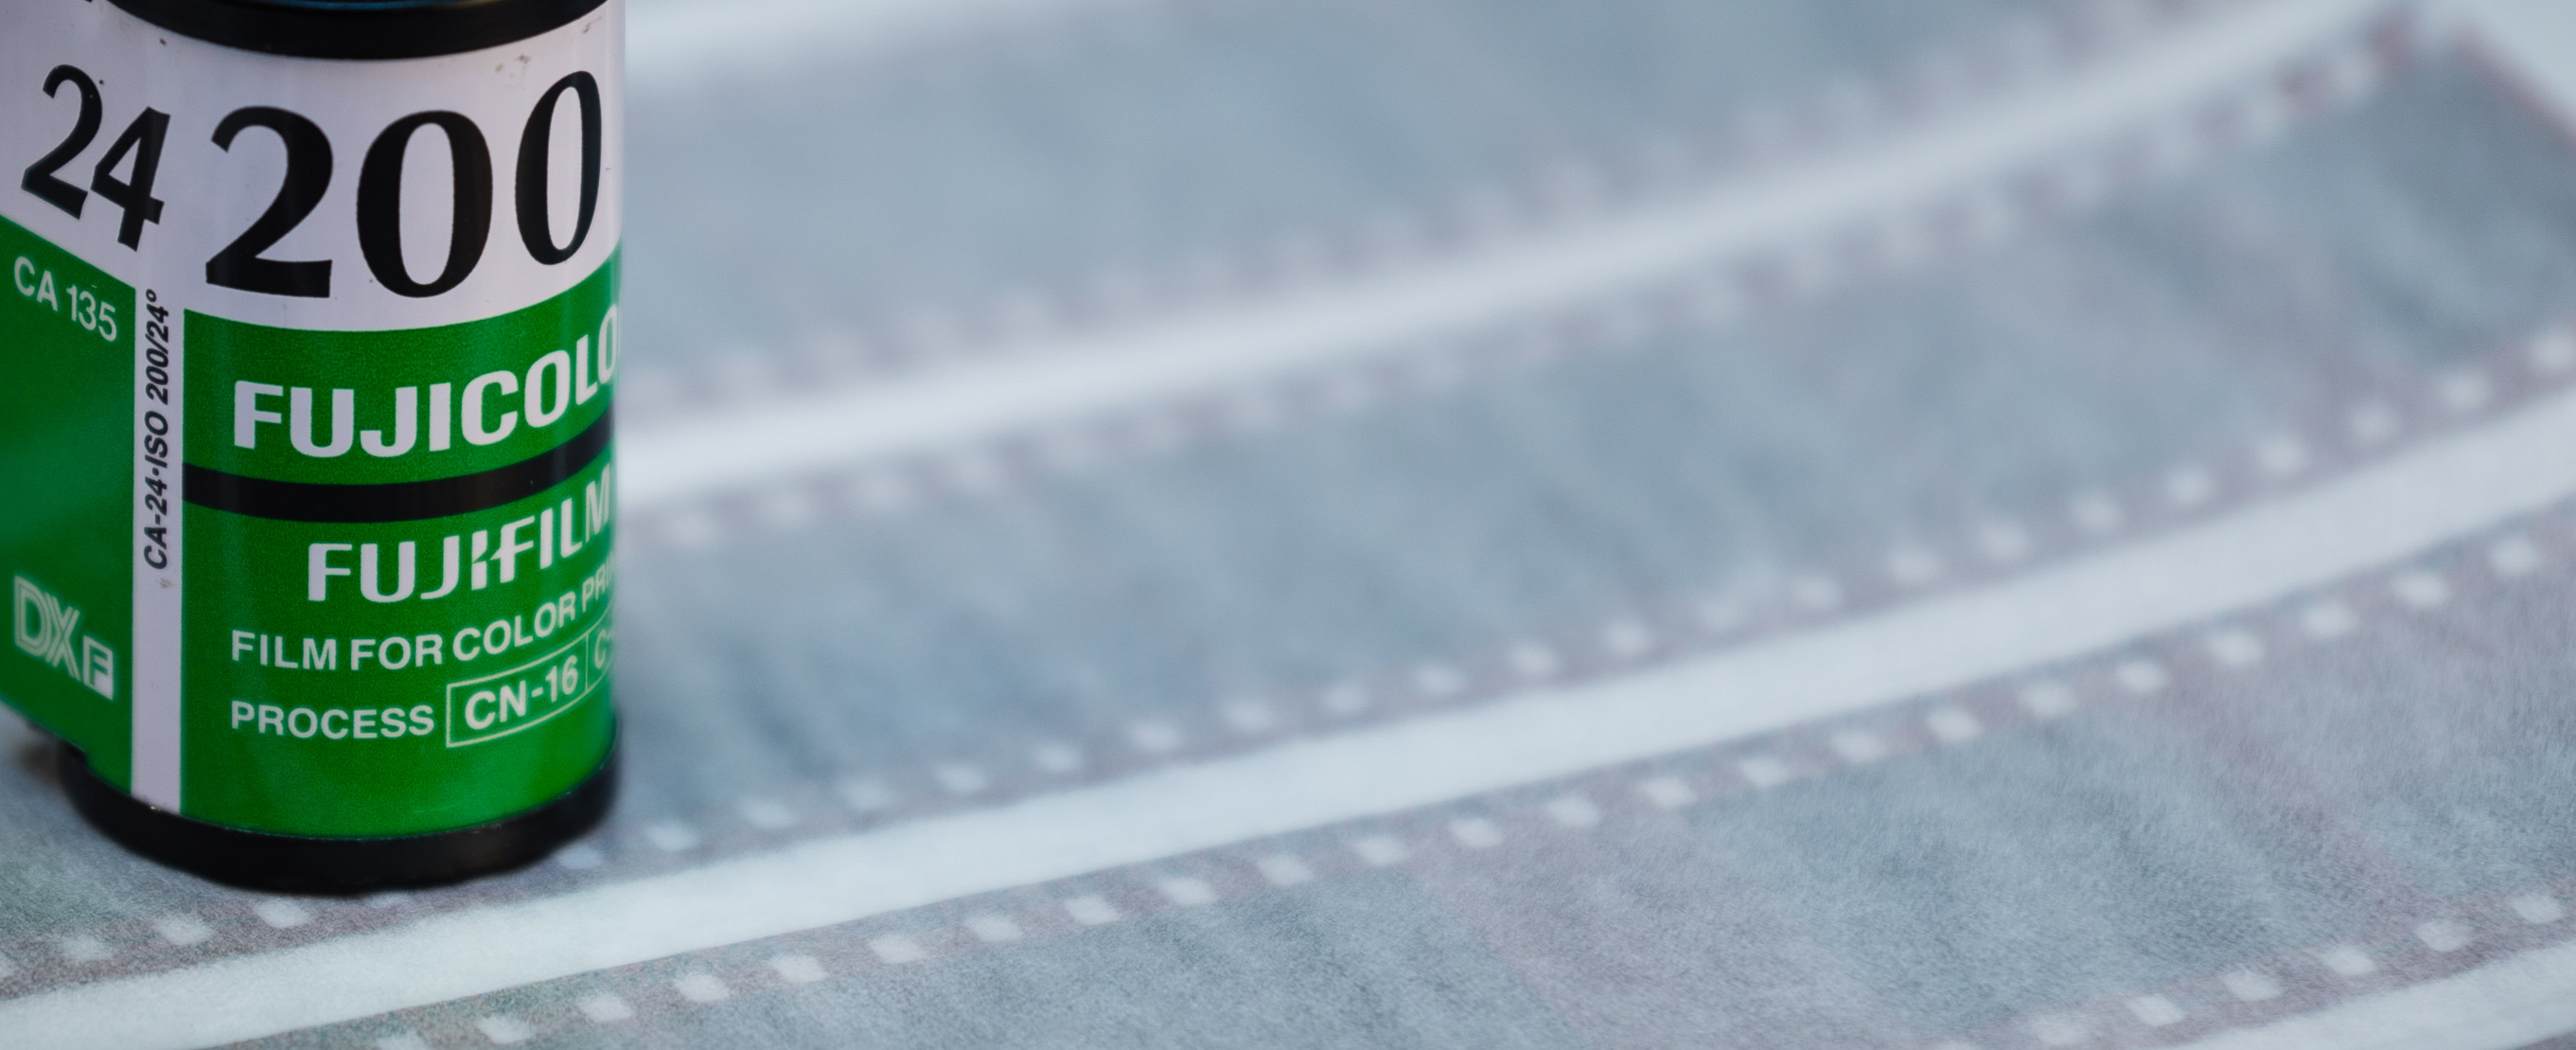 Developing, Darkroom, Malta, Alan Falzon, Film, Analog, 35mm